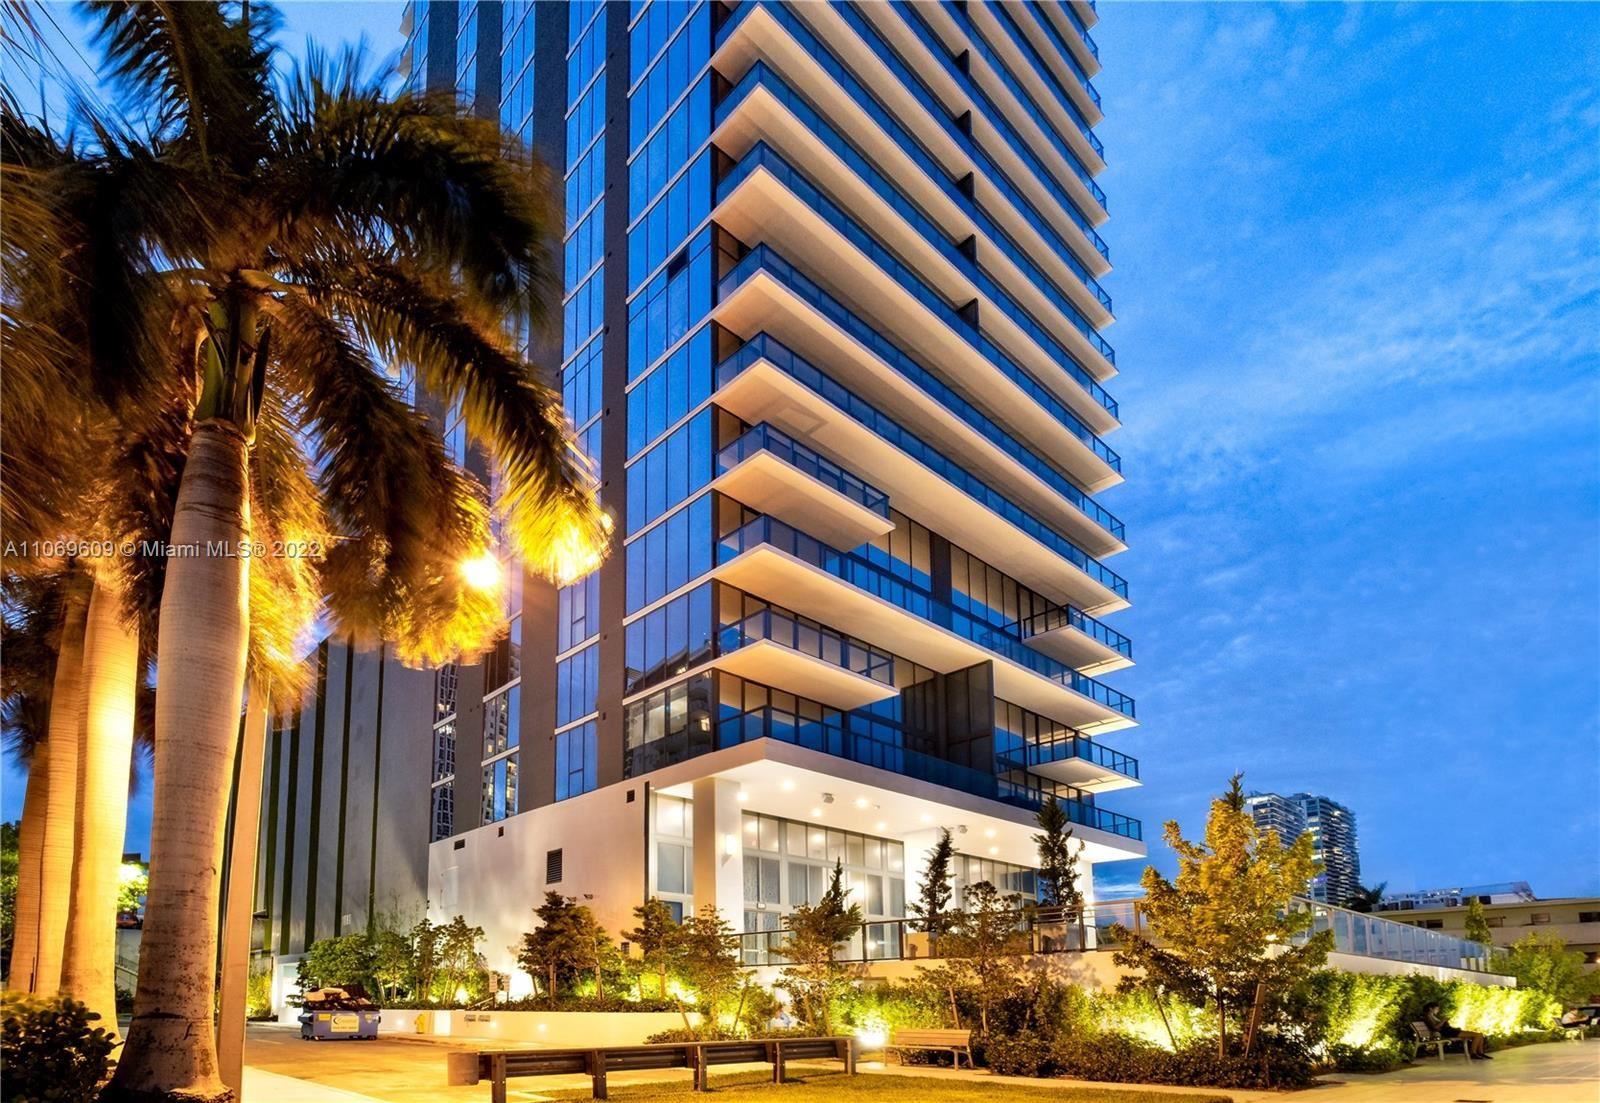 788 NE 23 St #1901, Miami, FL 33137 - #: A11069609